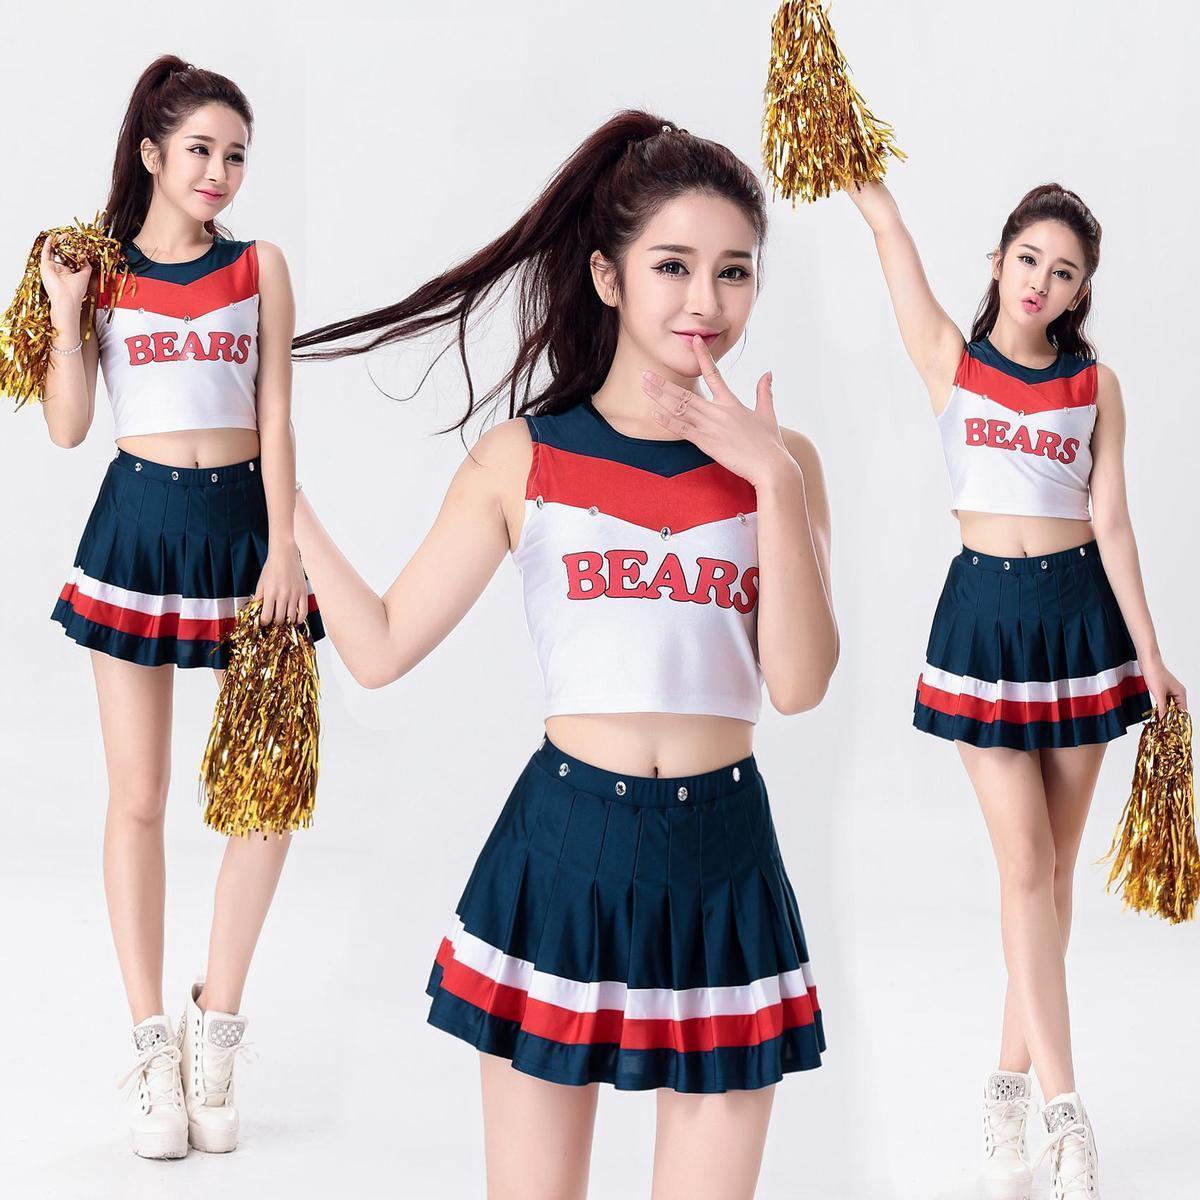 Cheerleading Uniformes Estudantes Jogos Cheerleaders Roupas Mulheres Meninas Uniformes Escolares Adultos Cheerleader Trajes de Dança C18122701